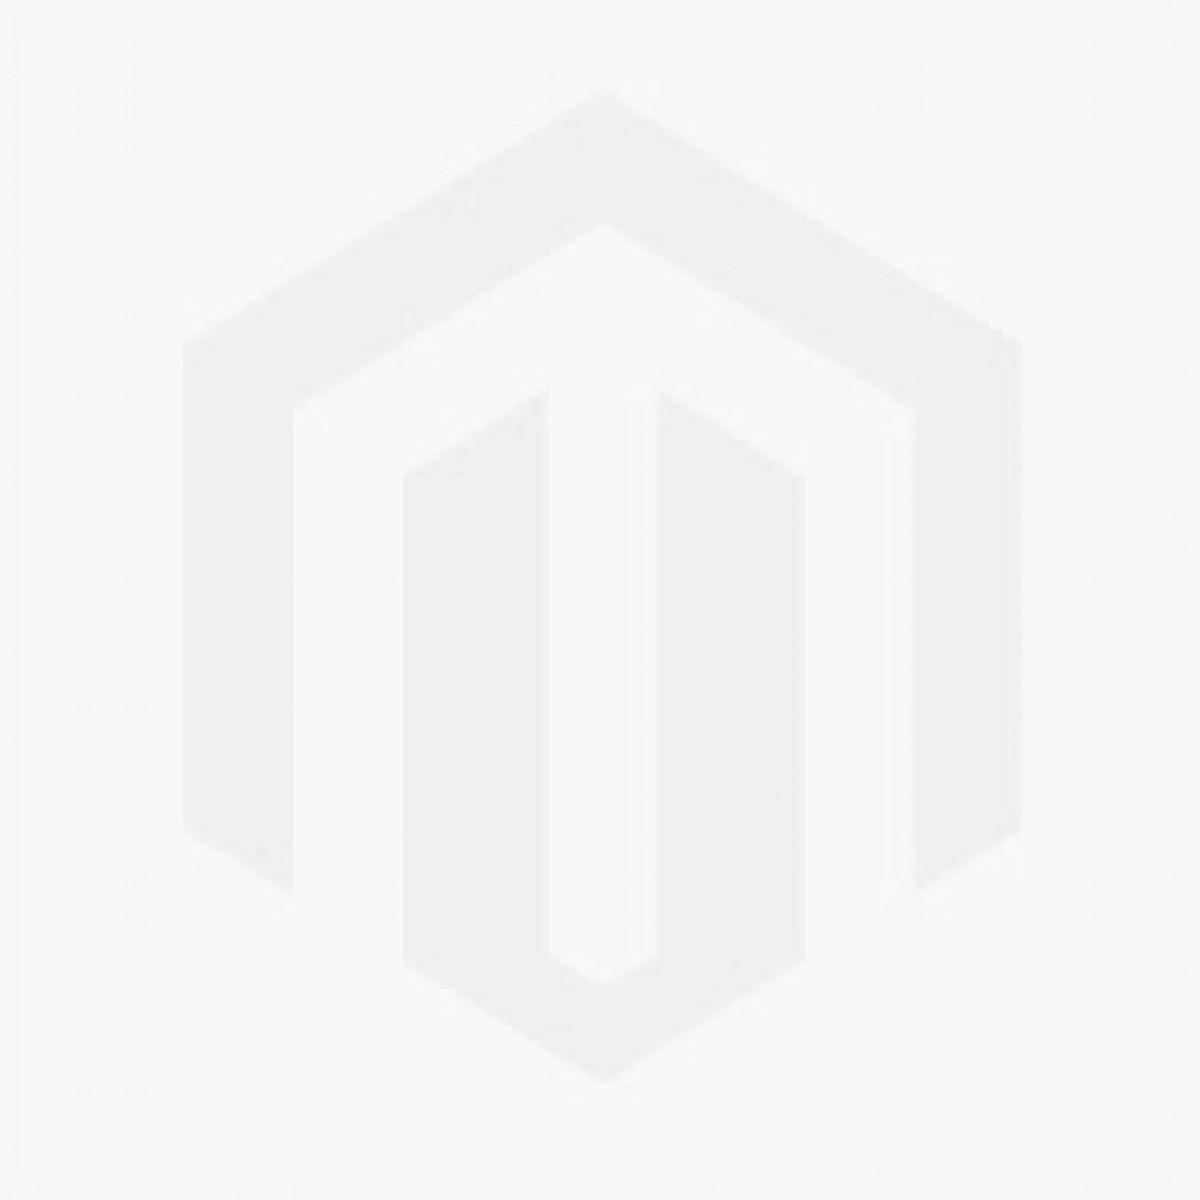 Notizblock A6 Jahreslosung 2022  77-6008